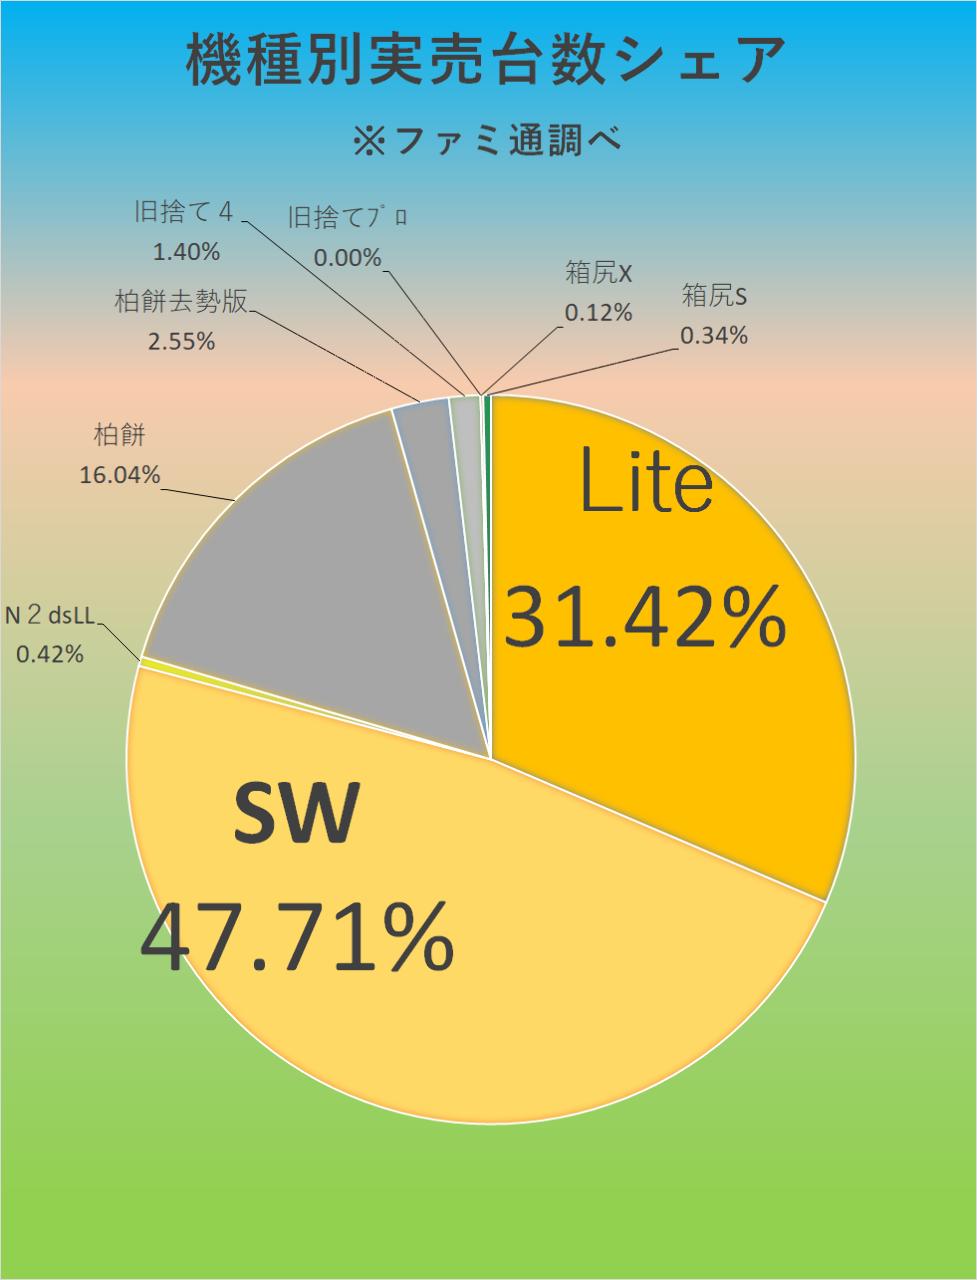 7974 - 任天堂(株) 【 最新ファミ通実売結果に見る、今期1QのSWシリーズ実売現状 】  今年4/18累計:32万539